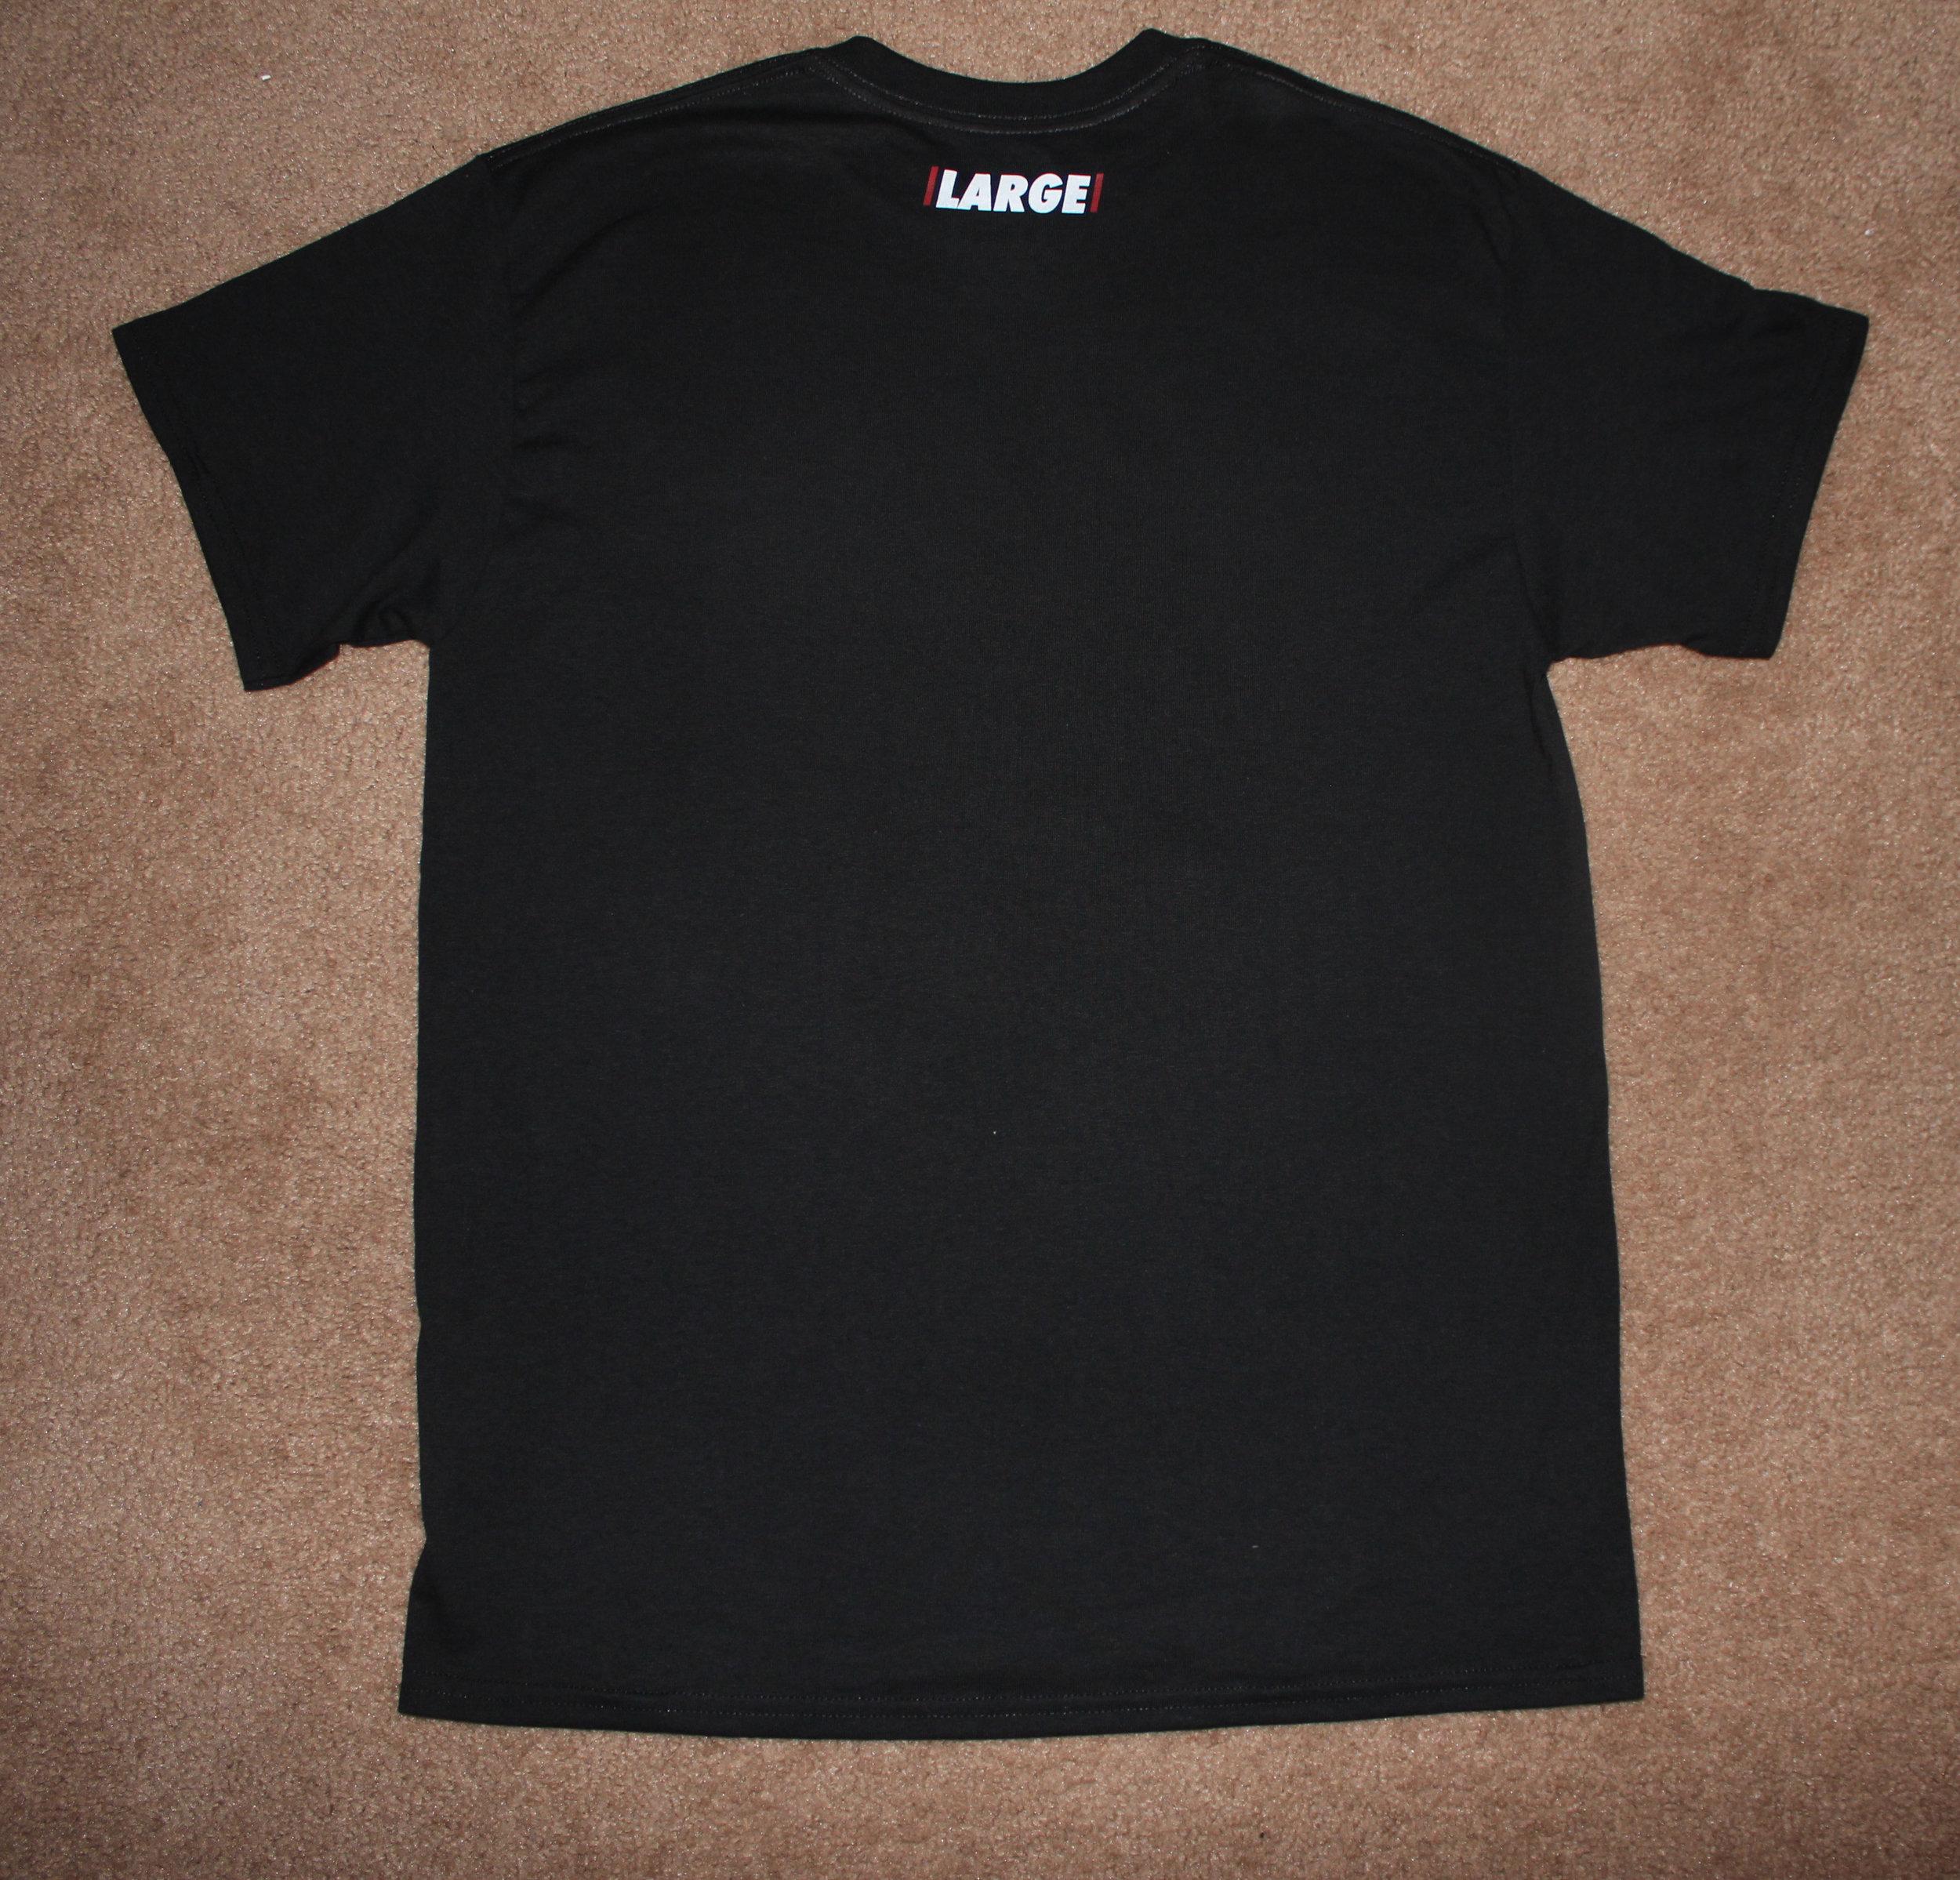 Back, LARGE Logo Tee v2